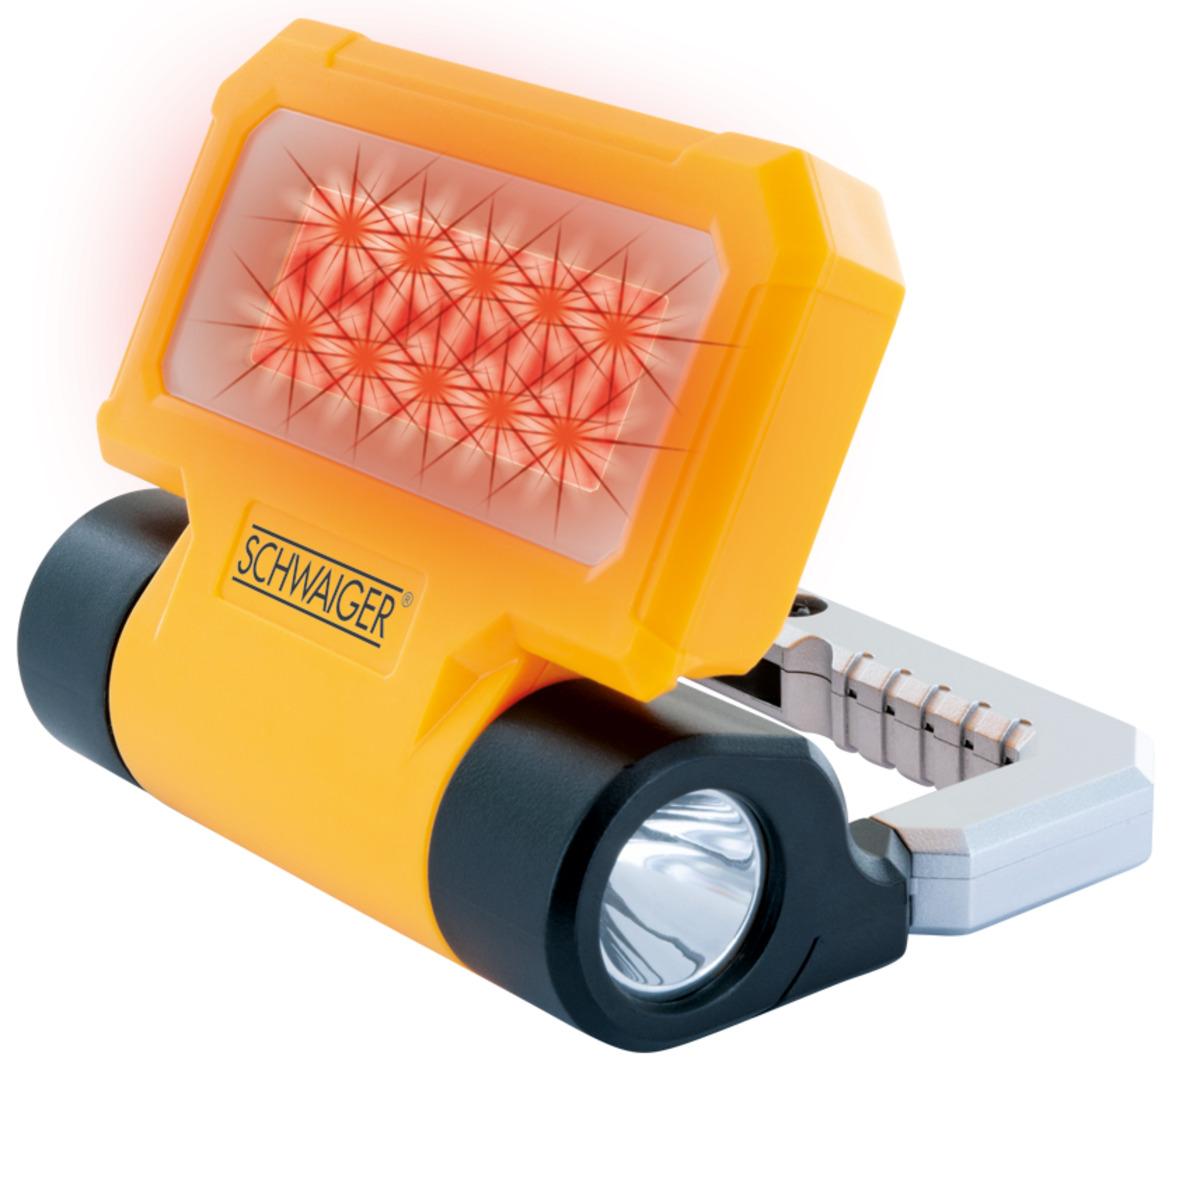 Bild 2 von Schwaiger Arbeitsleuchte mit integrierter Taschenlampe